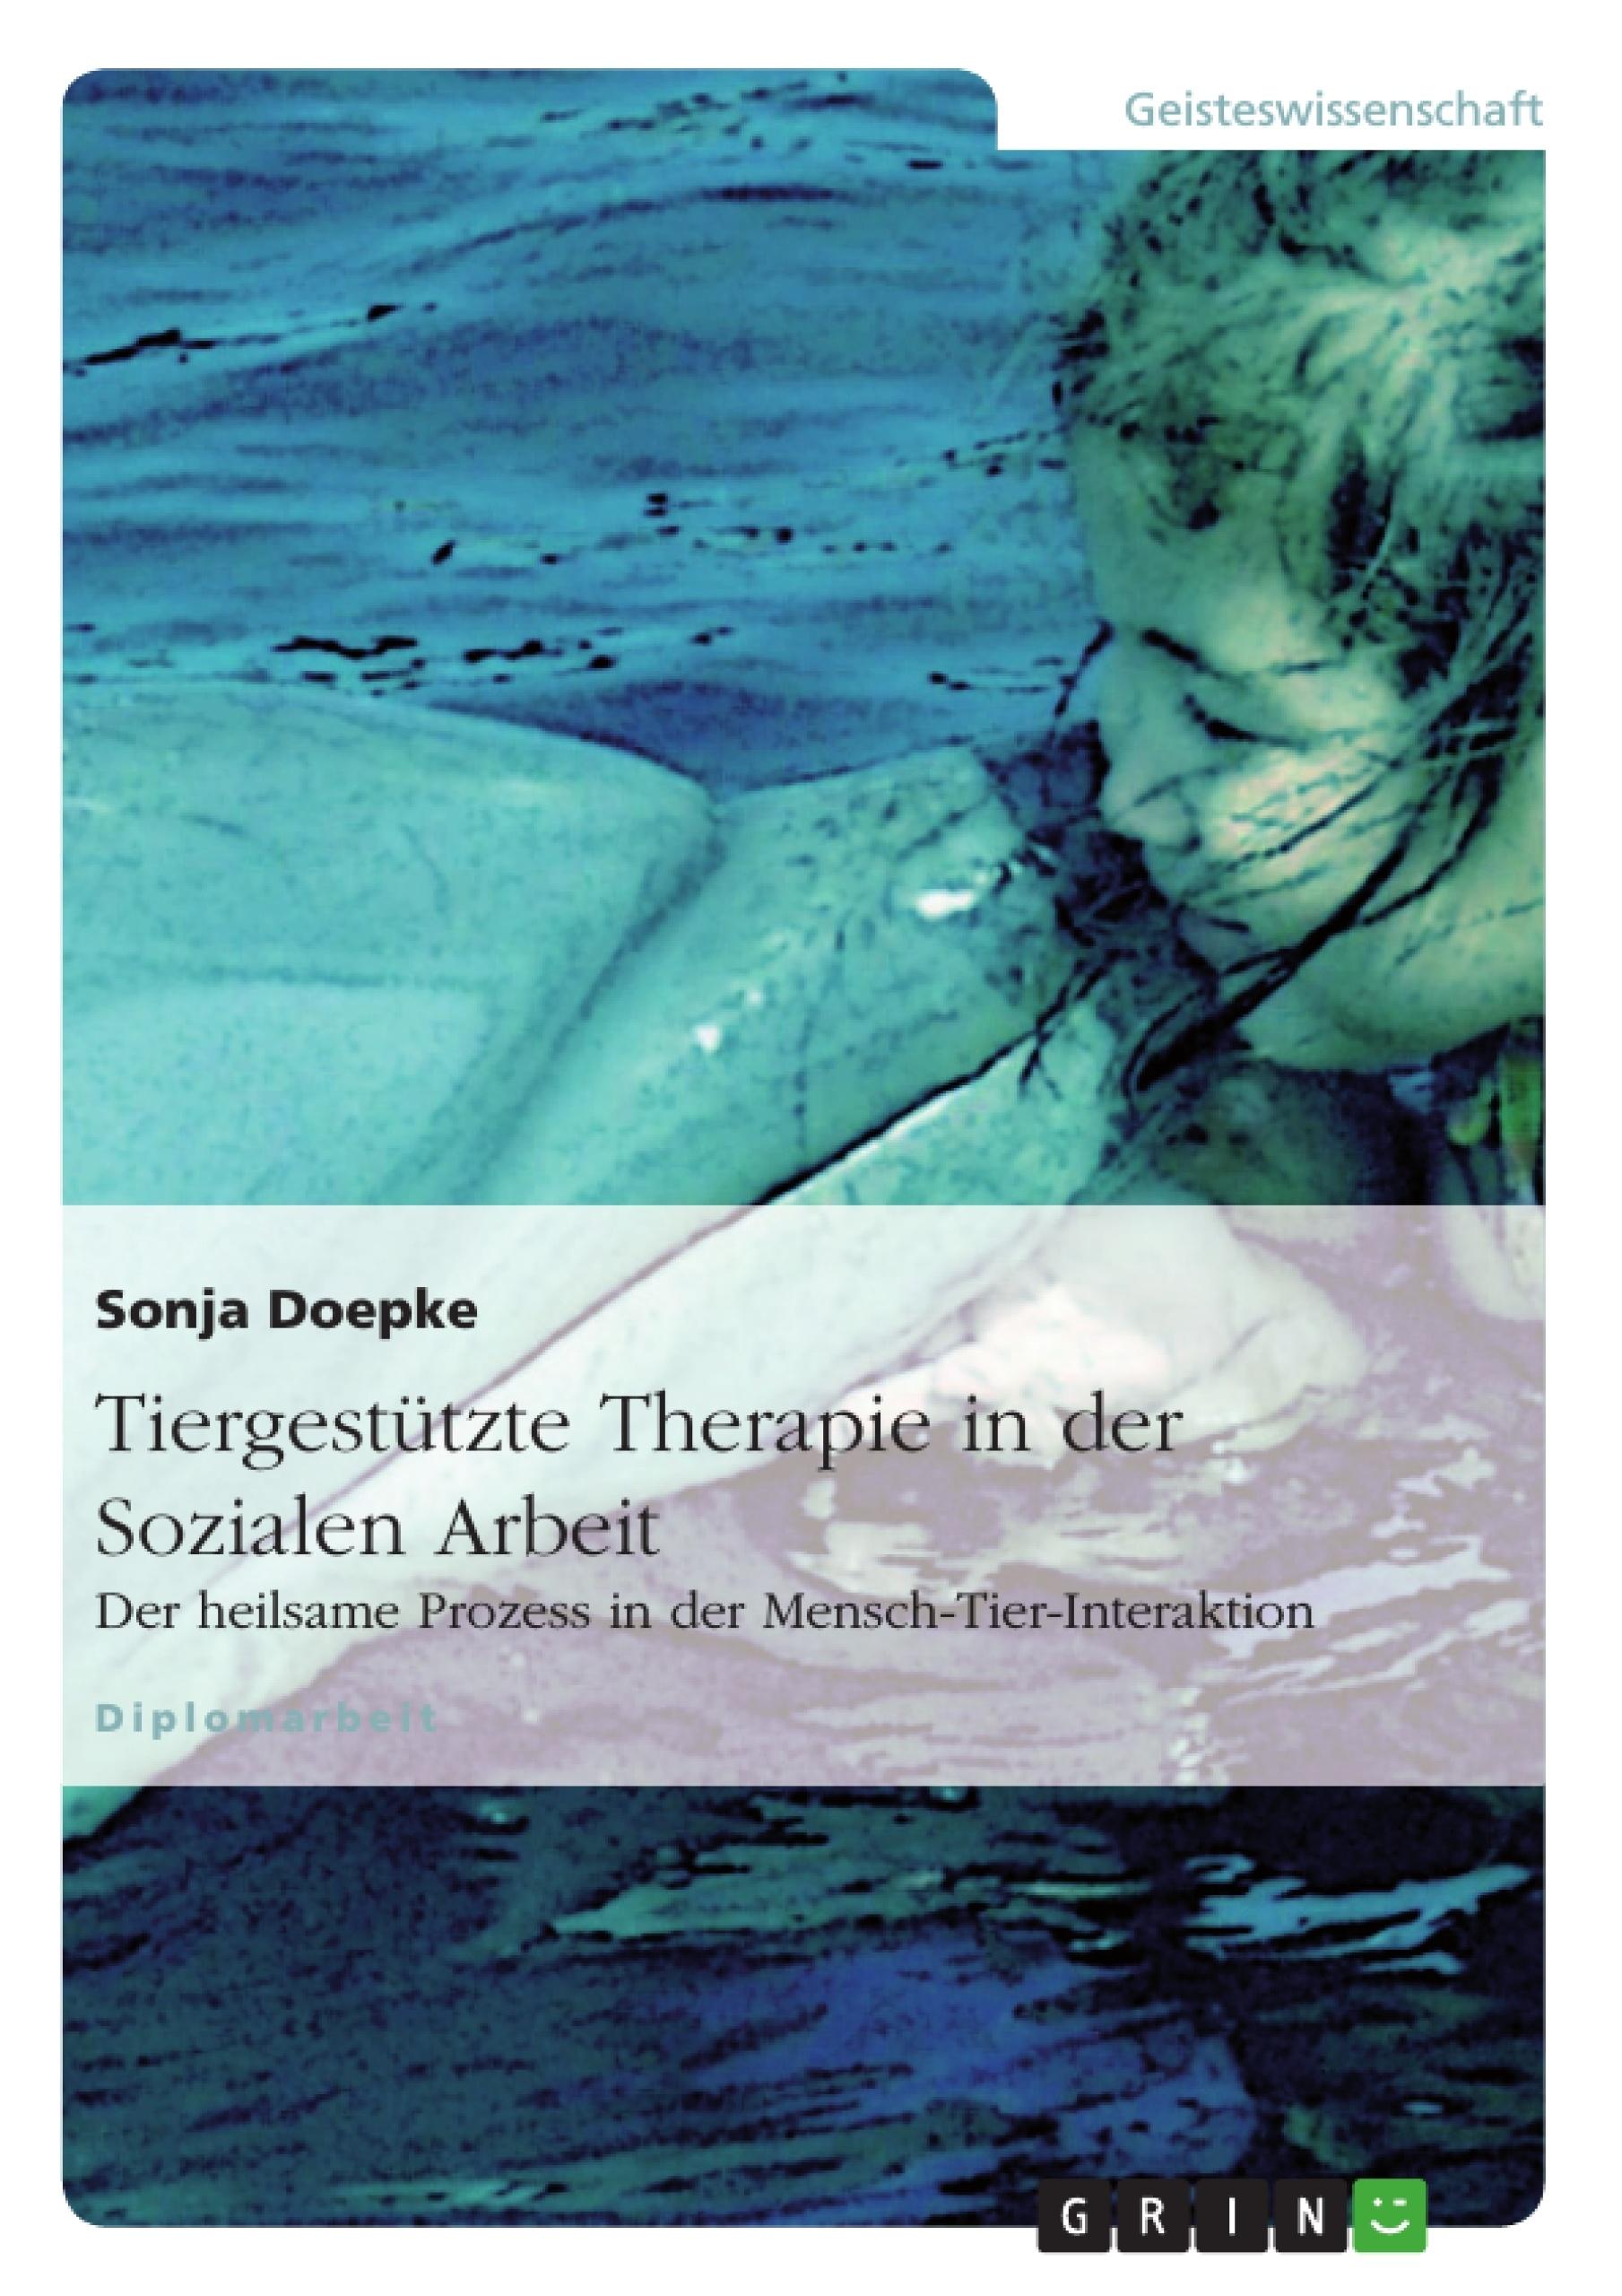 Titel: Tiergestützte Therapie in der Sozialen Arbeit